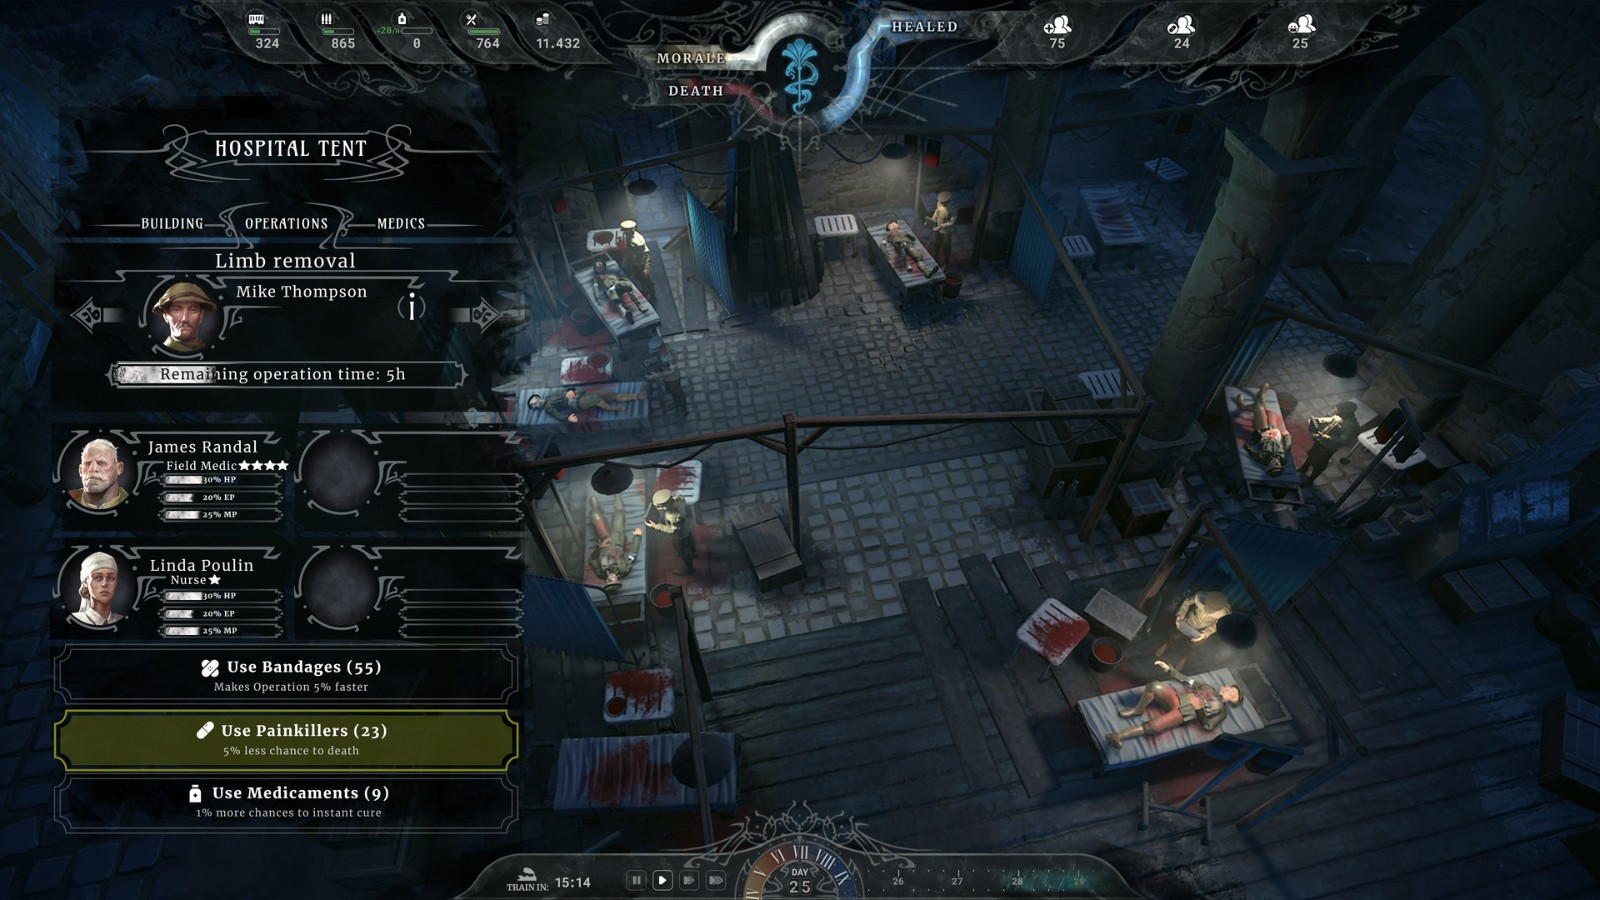 战争游戏《战地医院》上架Steam 明年发售支持中文